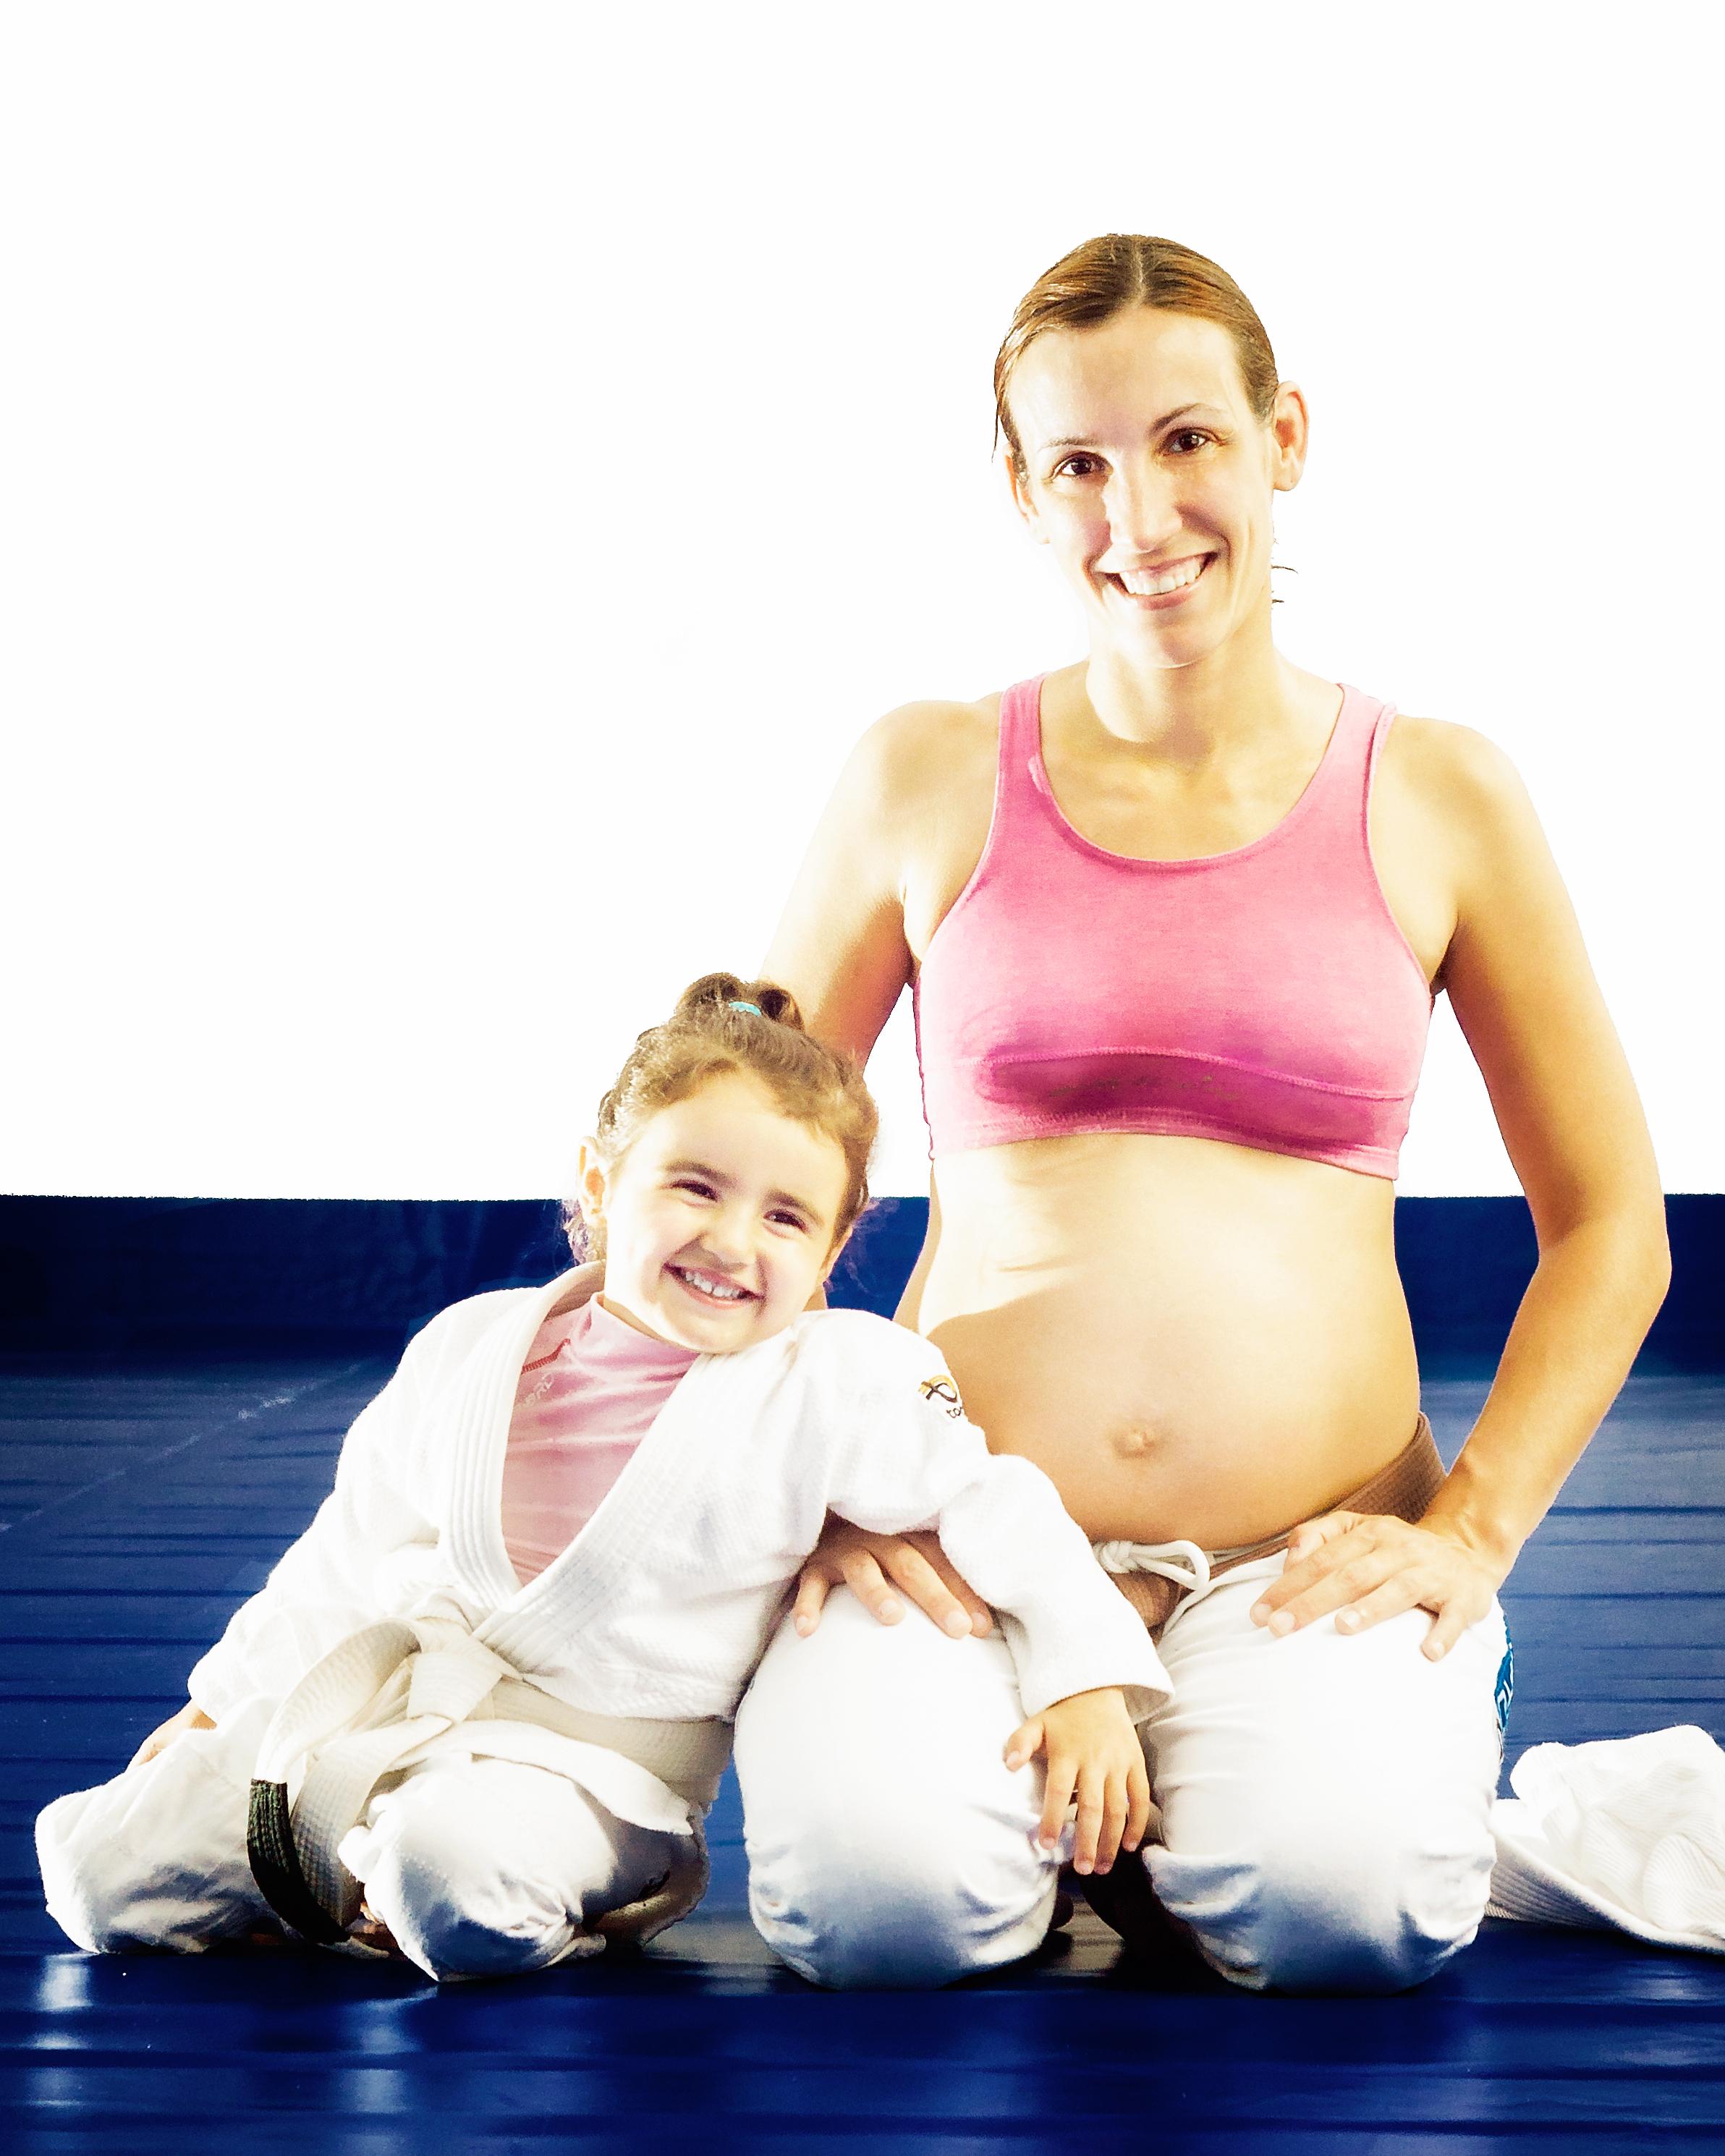 Anna e sua filha; (Imagem: blog pessoal da Anna)